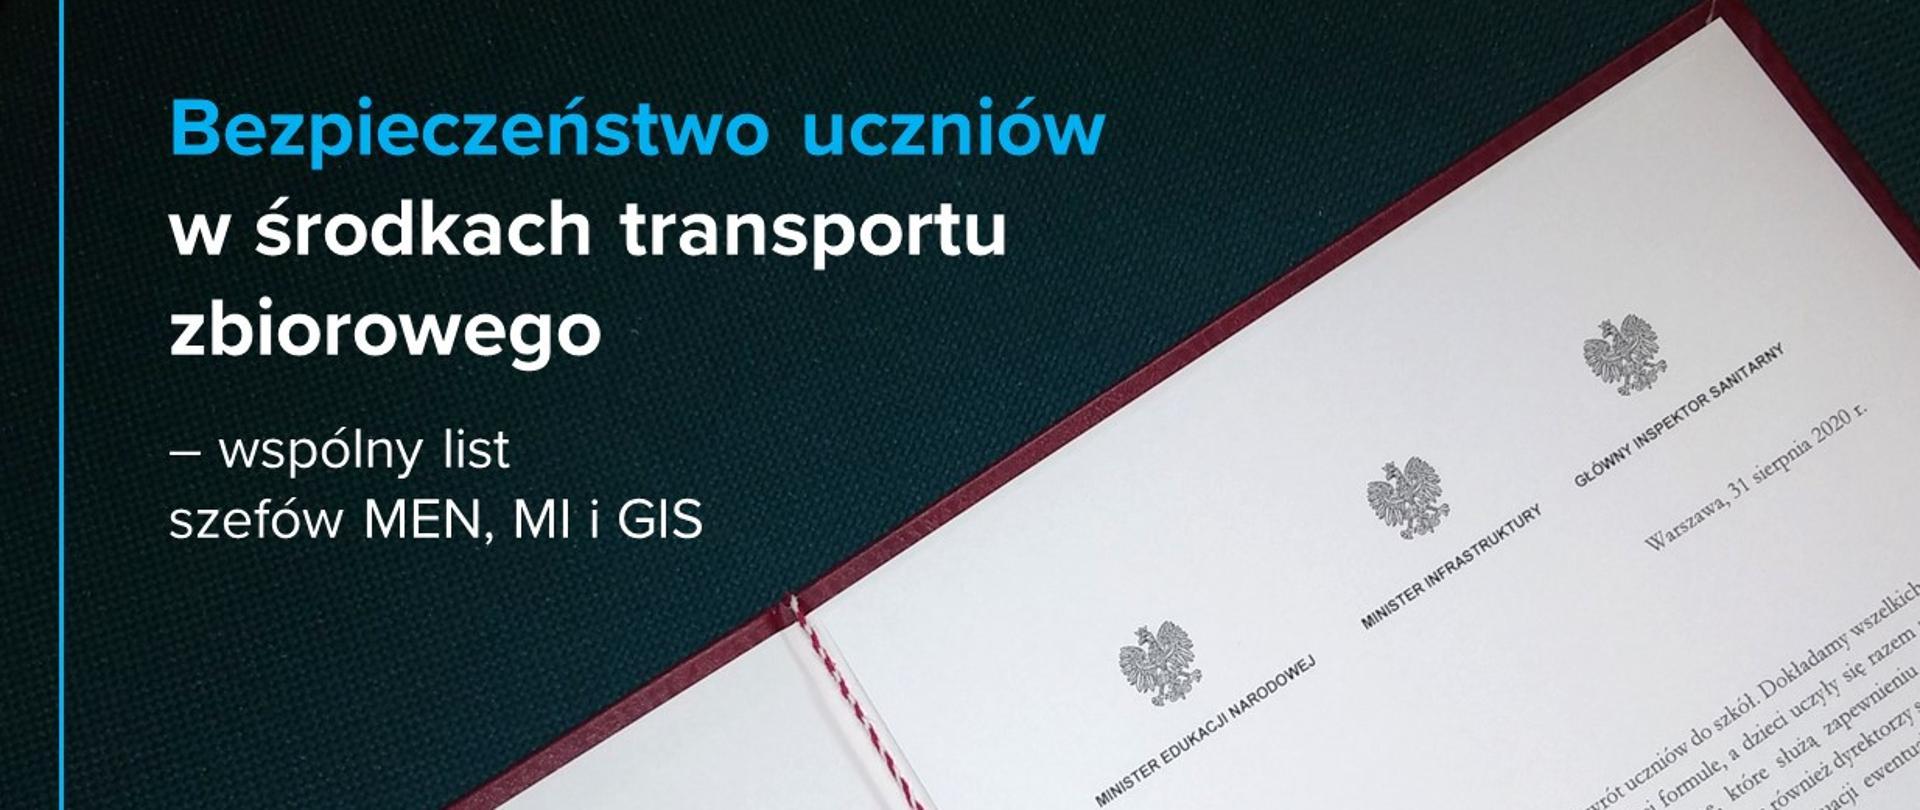 """Grafika ze zdjęciem listu i tekstem """"Bezpieczeństwo uczniów w środkach transportu zbiorowego – wspólny list szefów MEN, MI i GIS"""""""